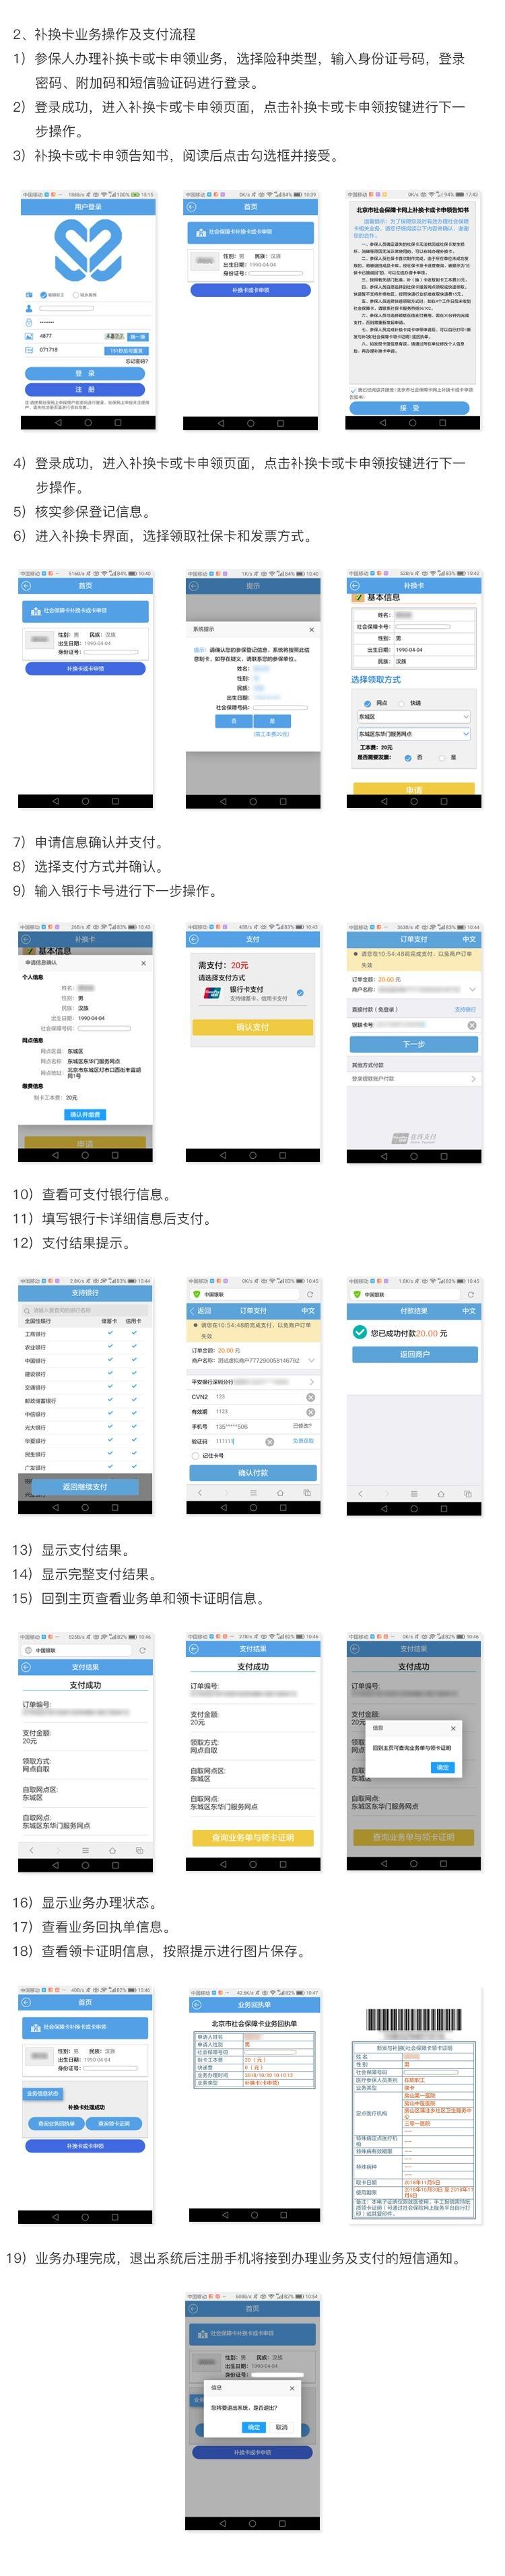 北京社保卡补换卡或卡申领APP和微信系统入口说明[墙根网]